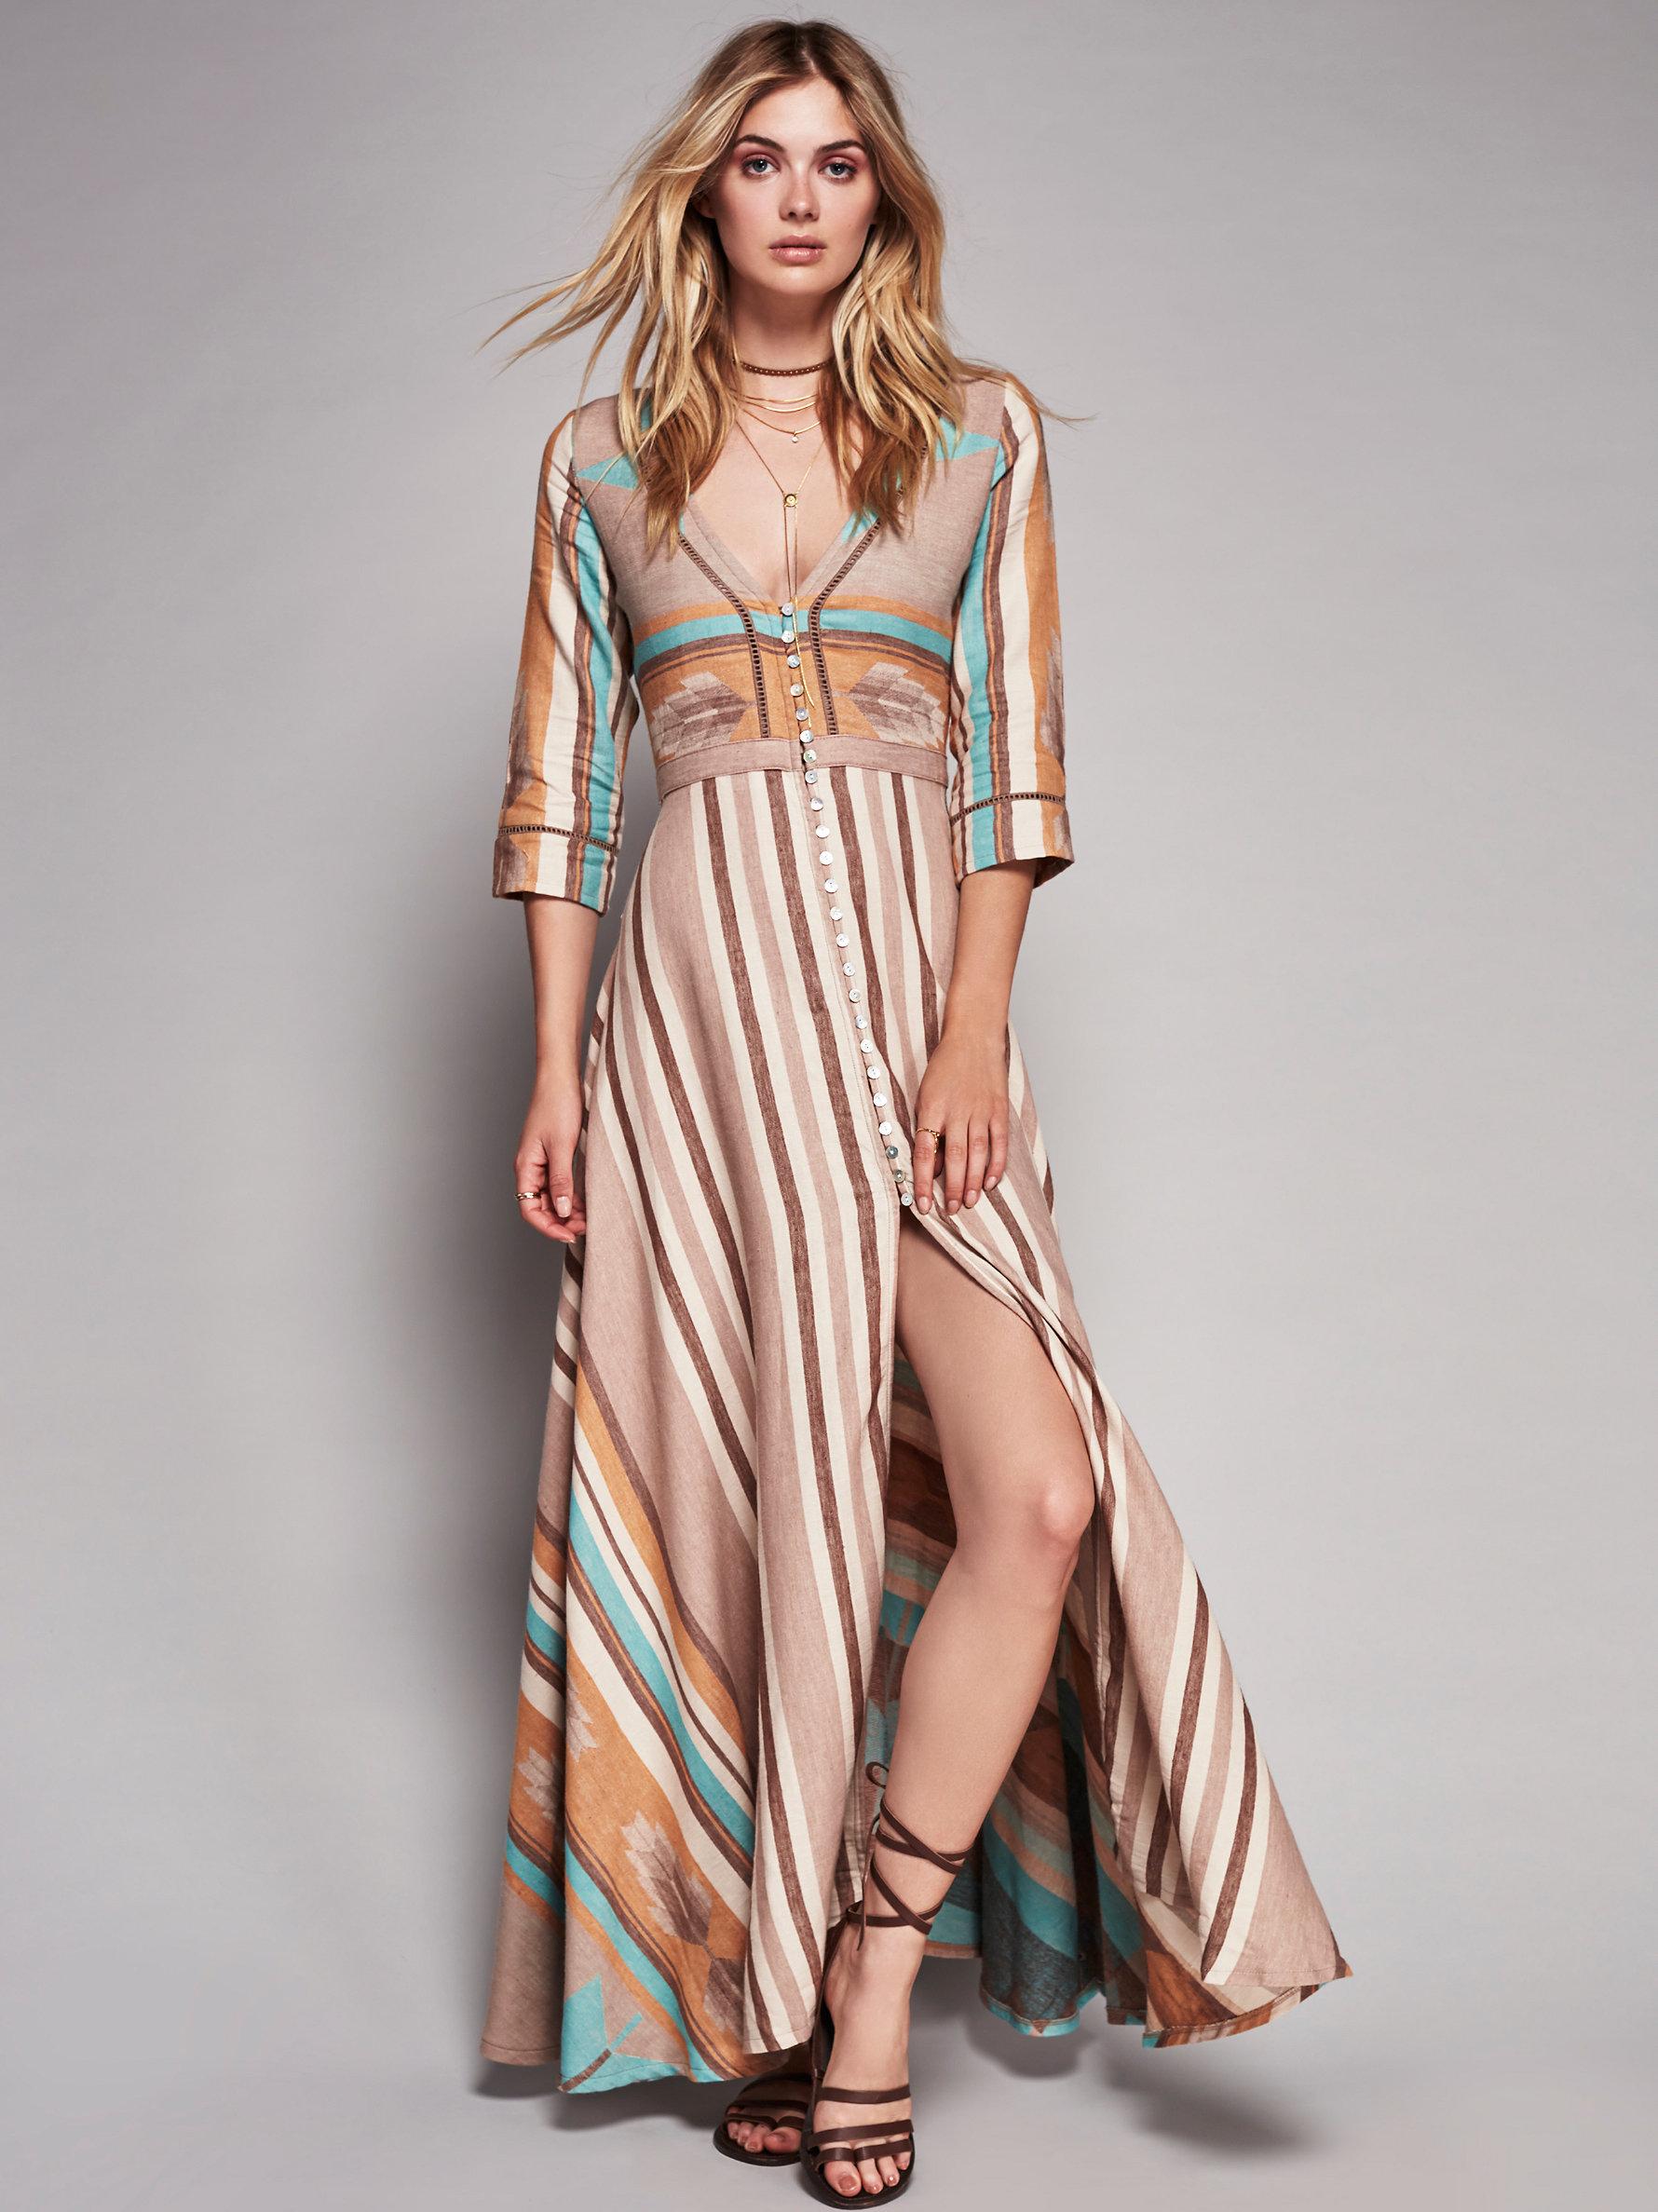 Mimi g maxi dress dillards – Woman best dresses